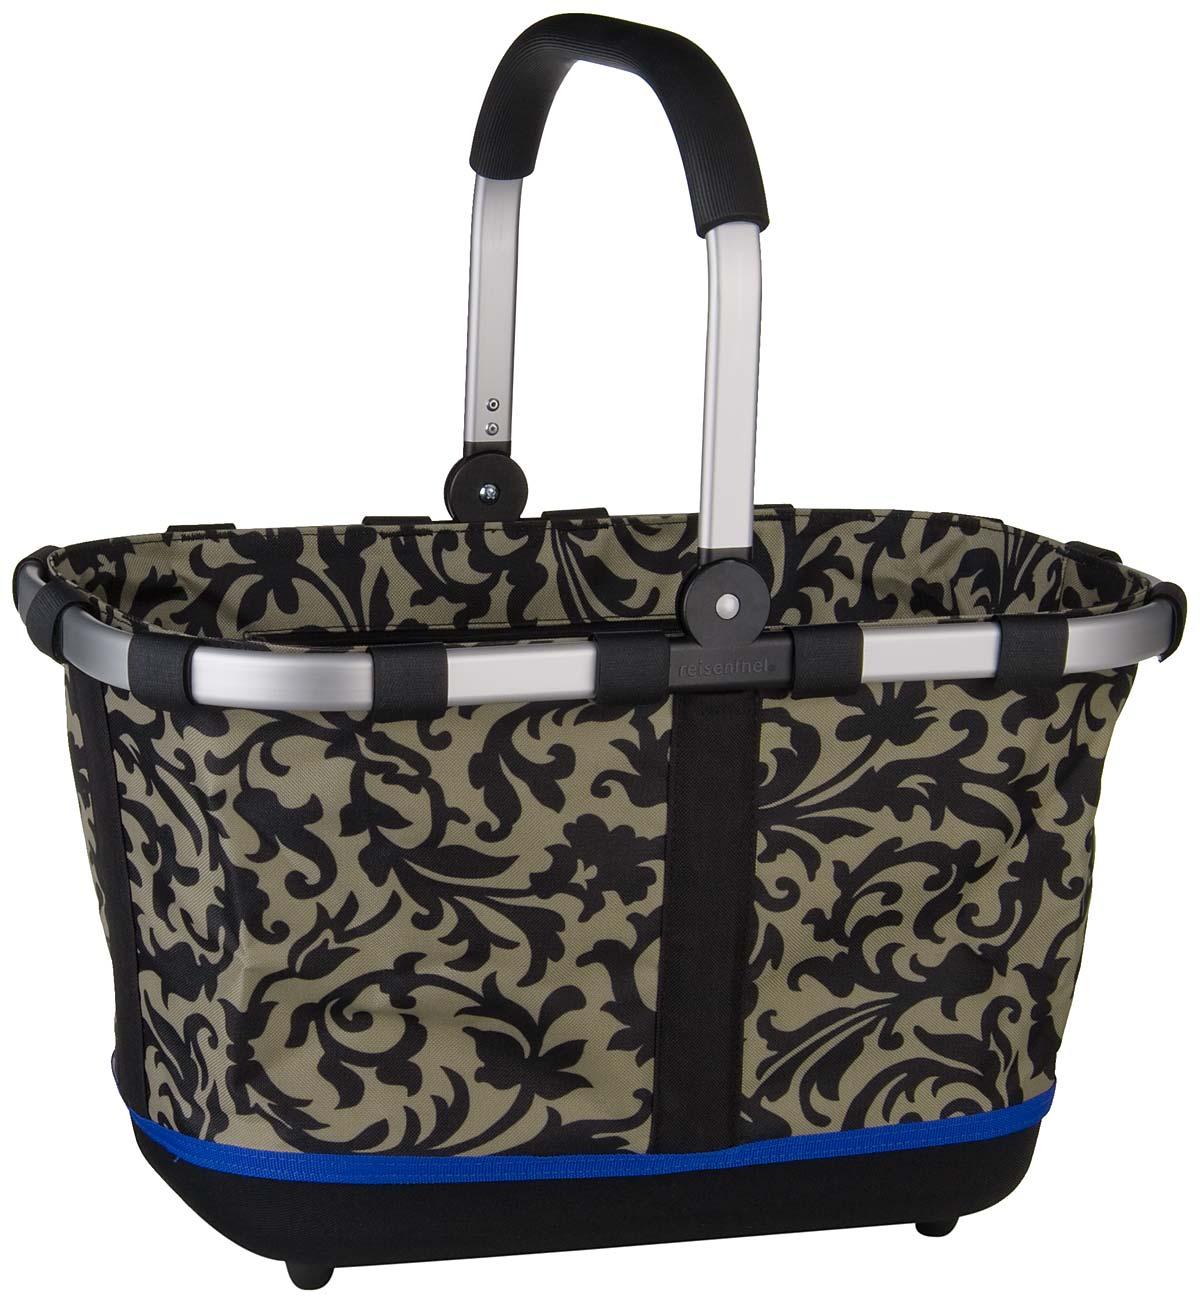 reisenthel carrybag 2 Baroque Taupe - Einkaufst...